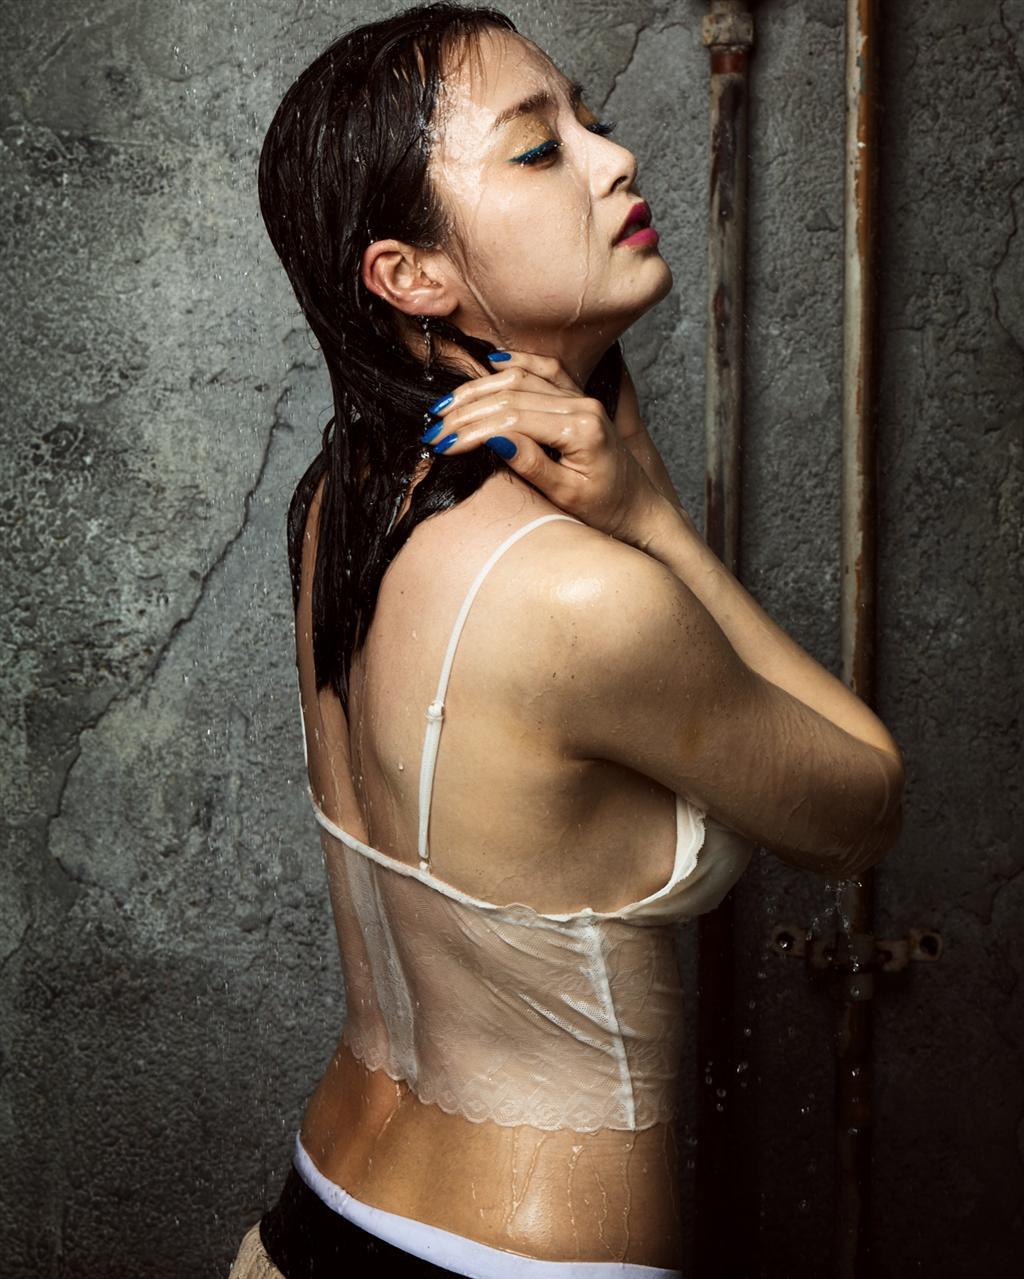 Tranh cãi việc Kim Hee Sun tự nhận mình đẹp hơn cả Kim Tae Hee và Jeon Ji Hyun - Ảnh 17.